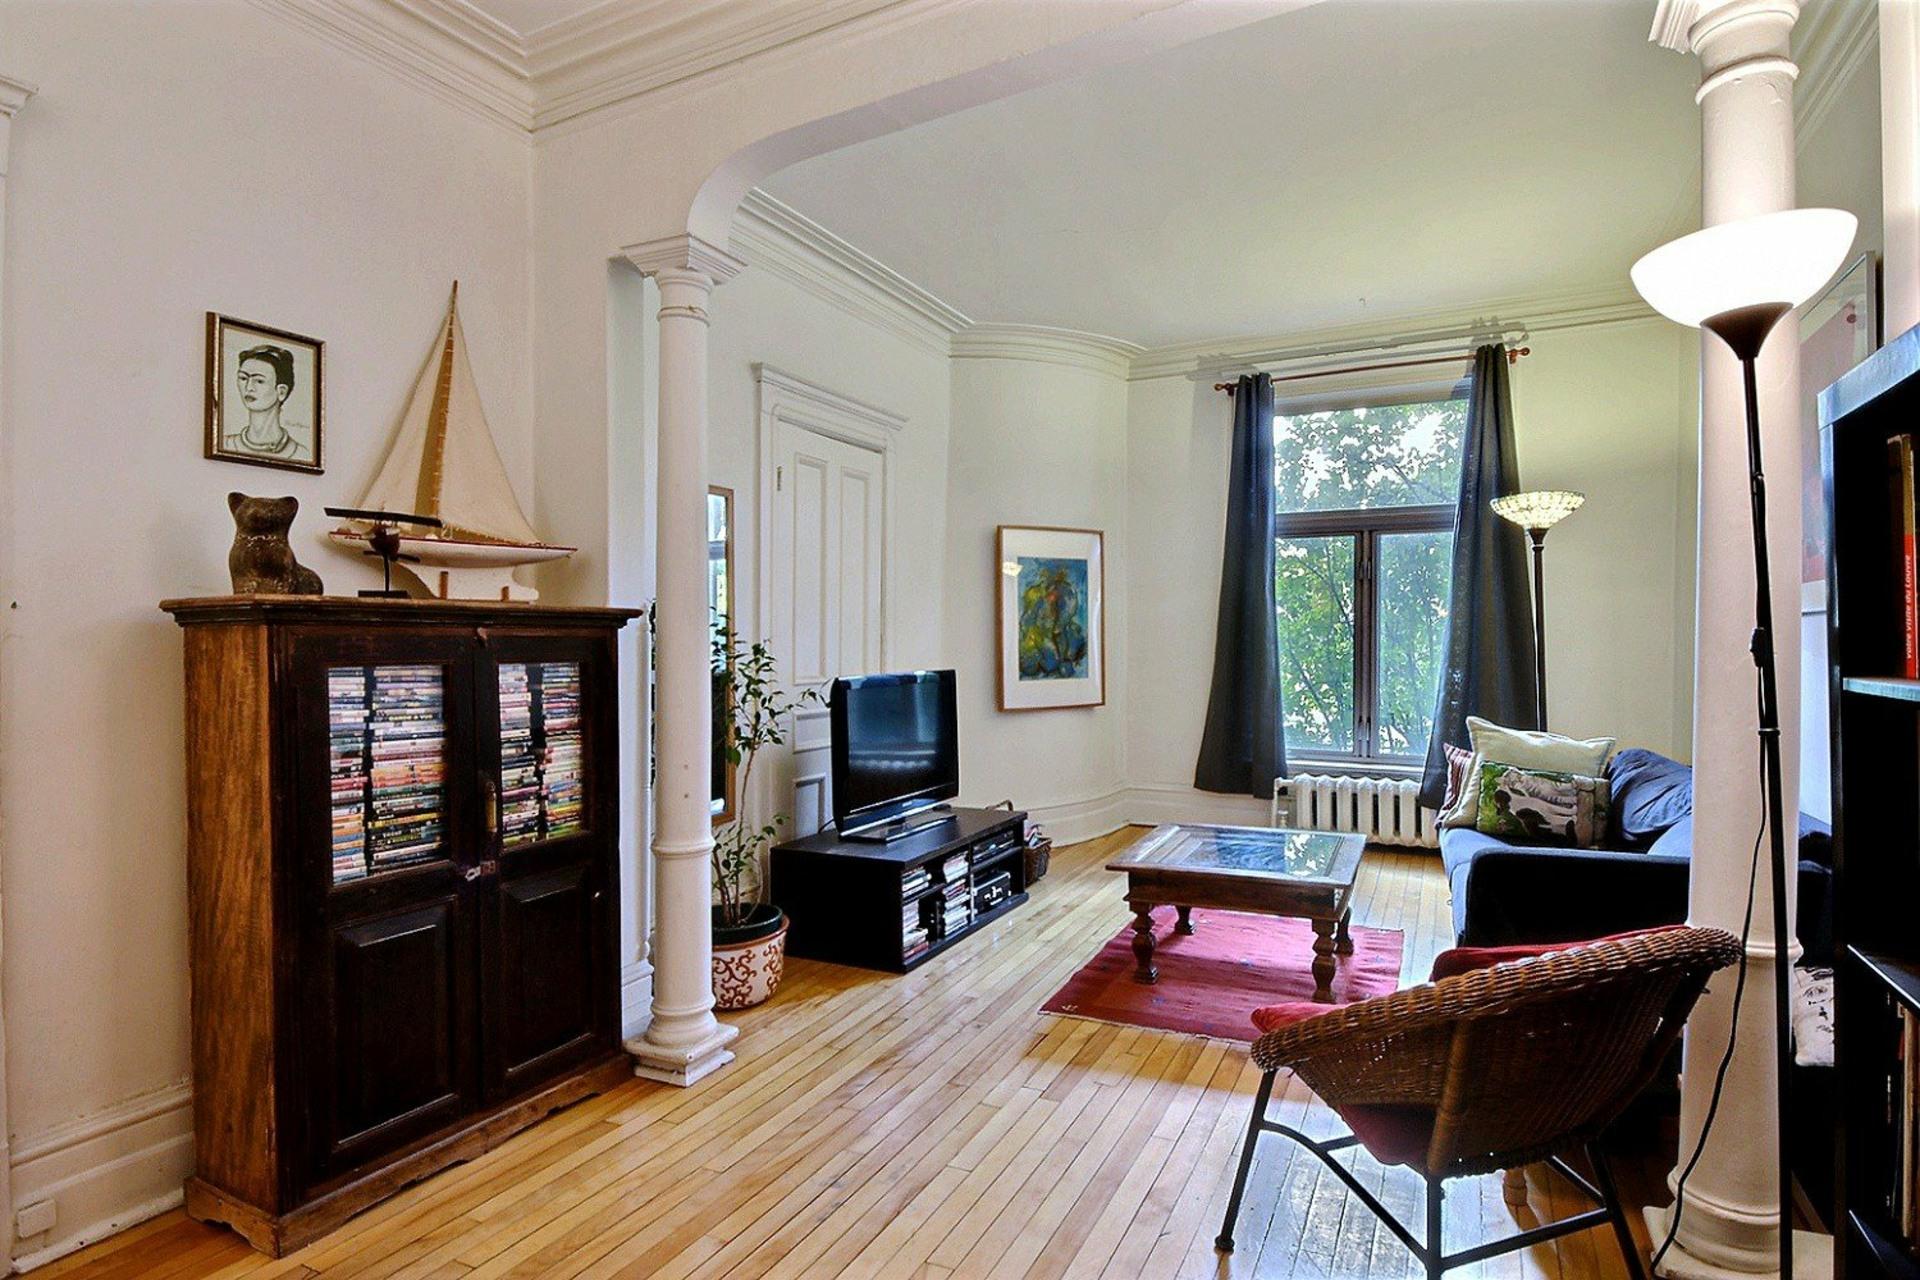 image 2 - Appartement À vendre Montréal Le Plateau-Mont-Royal  - 7 pièces